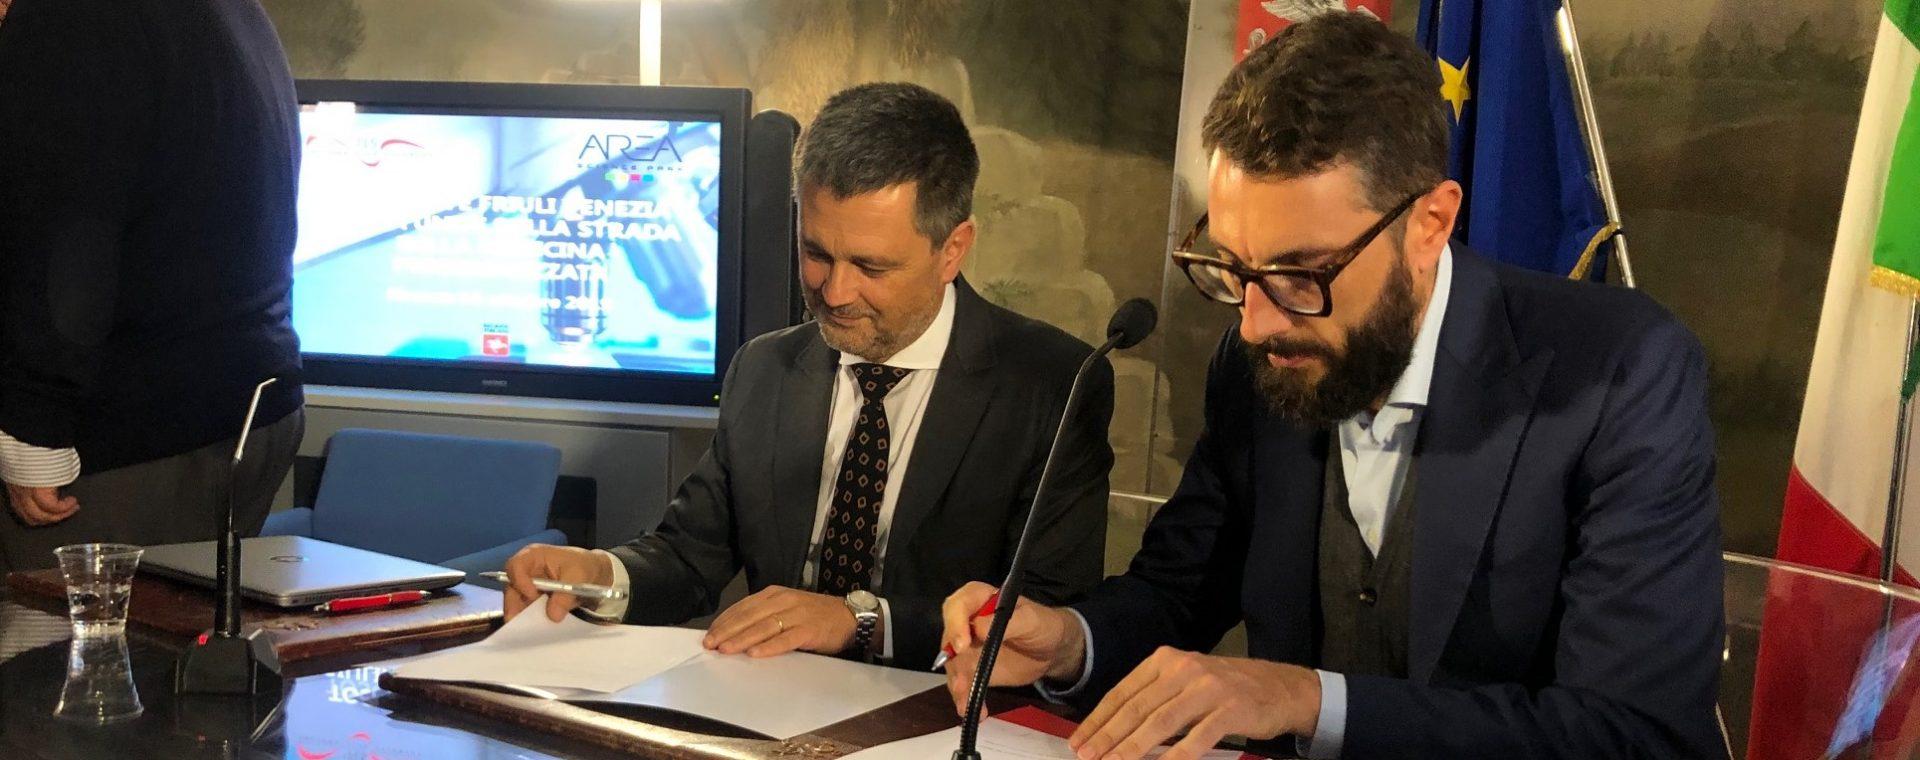 Genomica ed epigenomica: accordo innovativo Toscana-Friuli Venezia Giulia: Fondazione TLS e Area Science Park siglano un accordo per progetti su genomica ed epigenomica